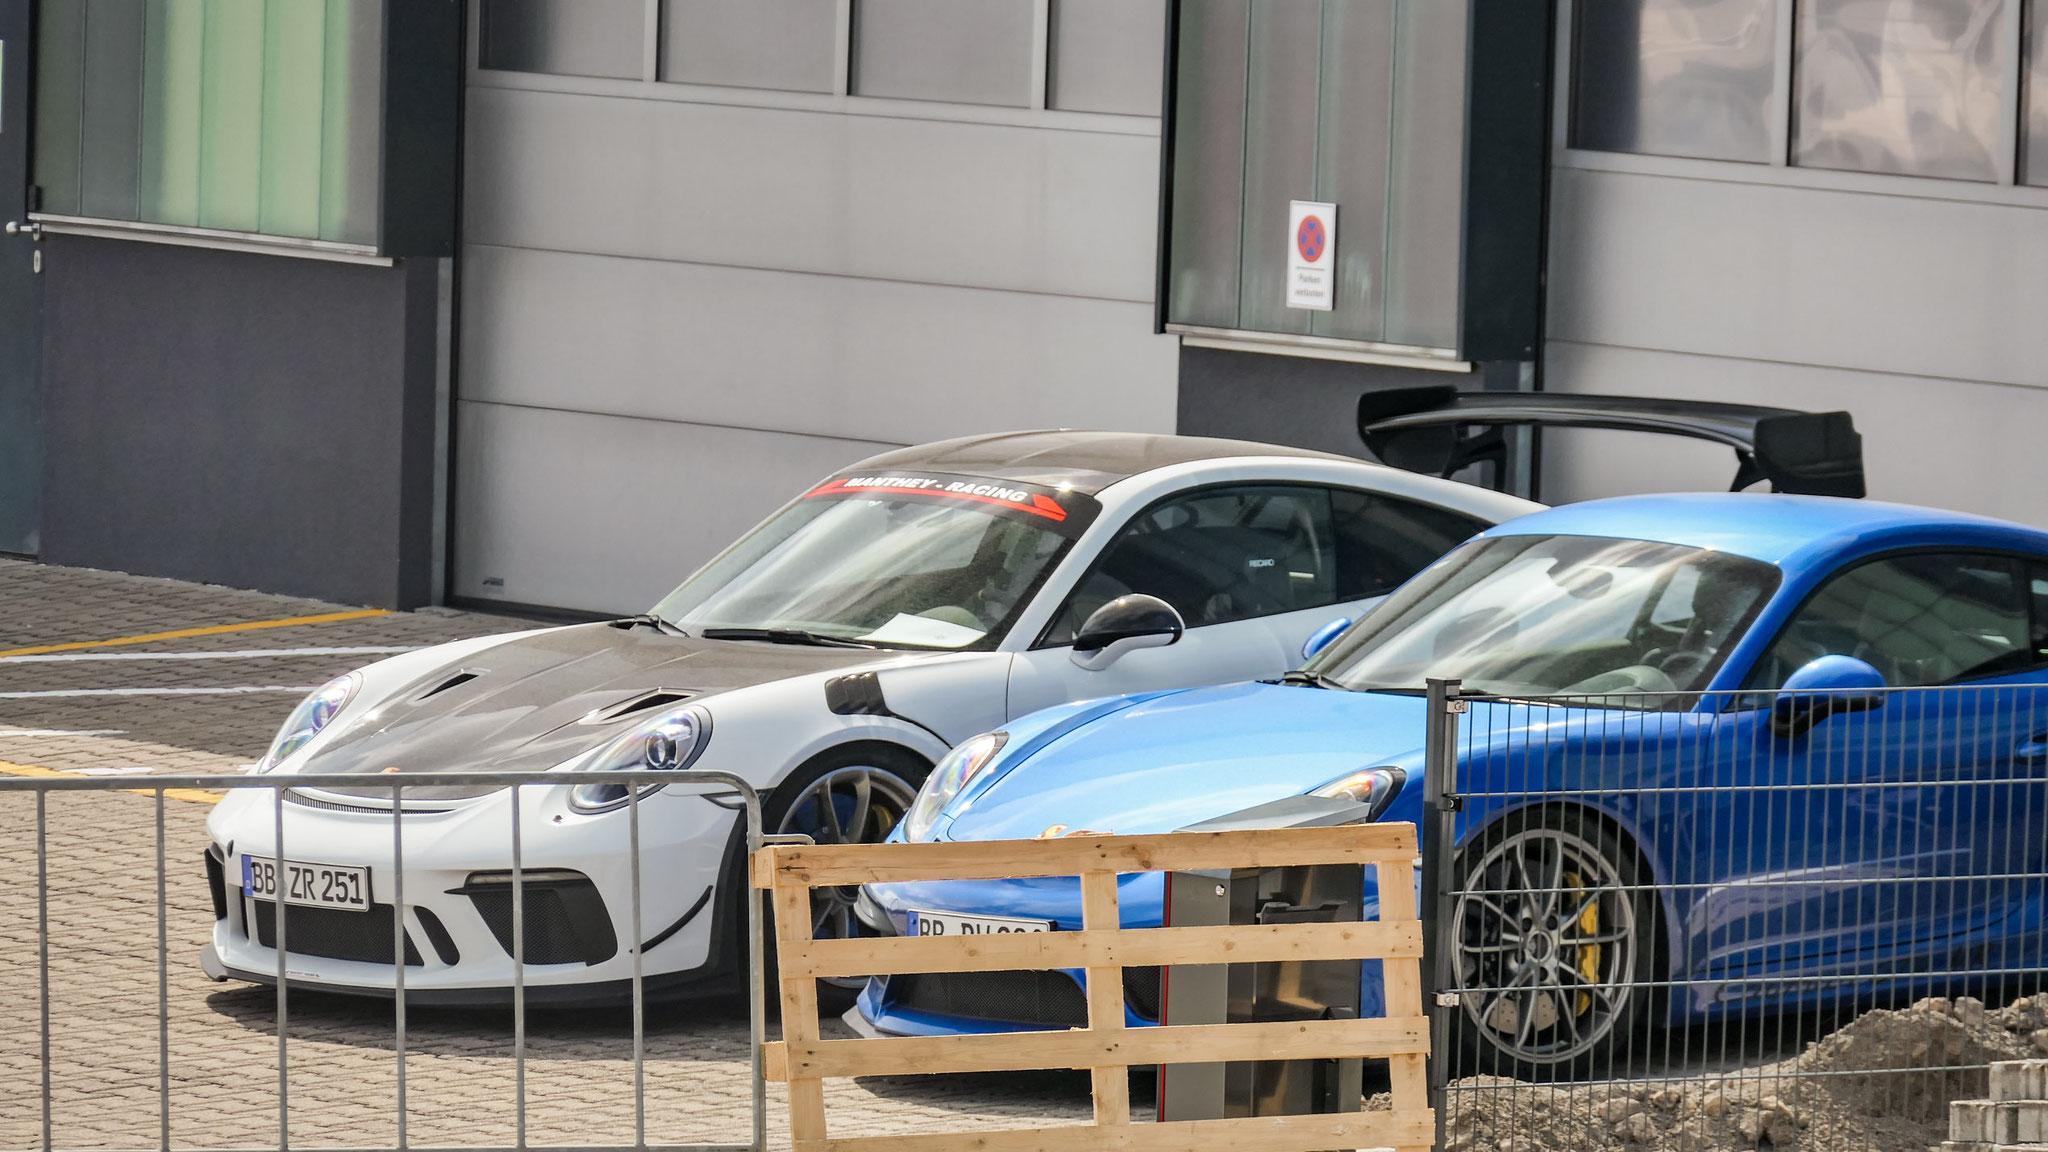 Porsche 911 991.2 GT3 RS - BB-ZR-251